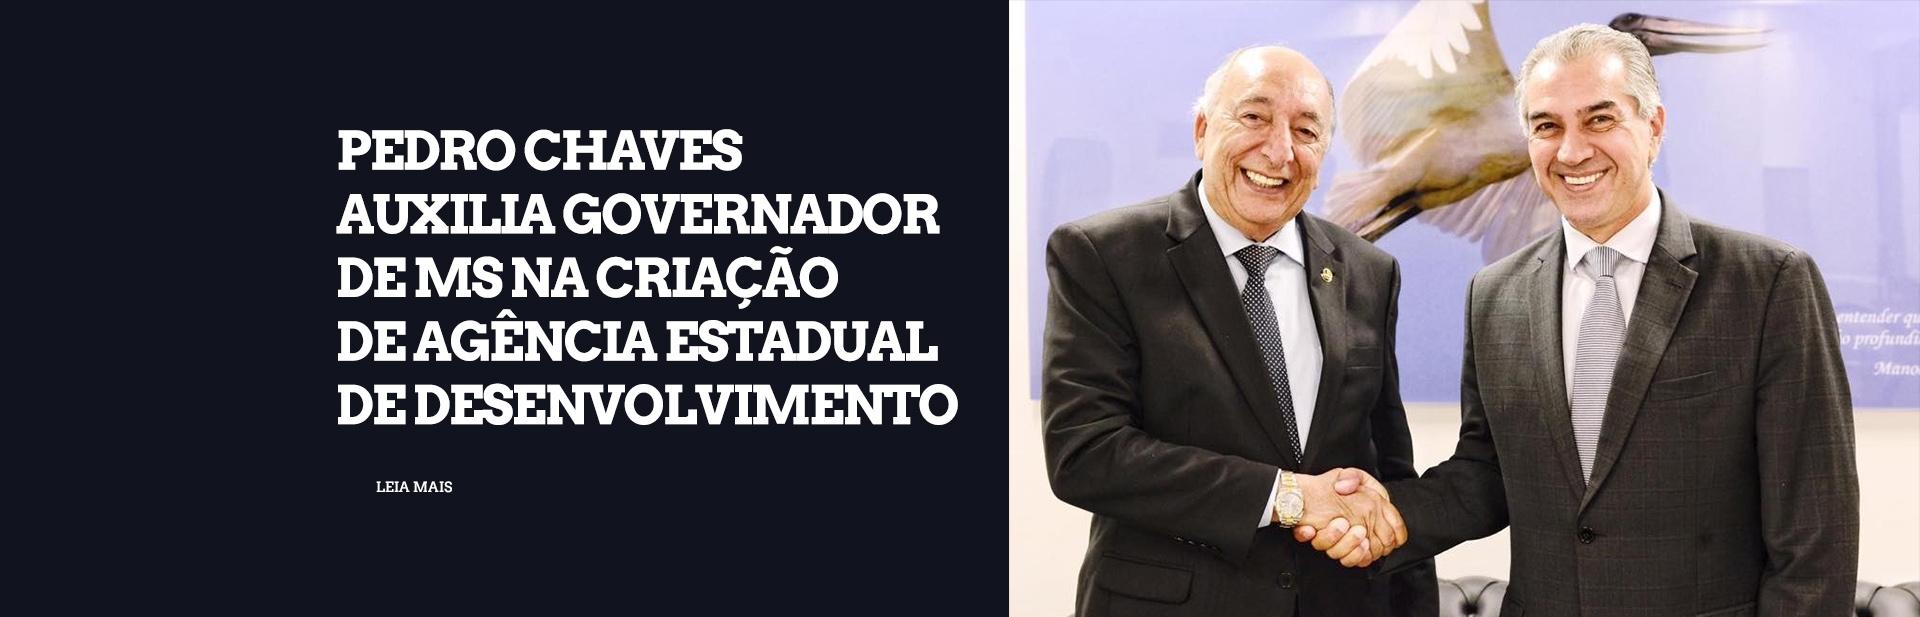 Pedro Chaves auxilia governador de MS na criação de Agência Estadual de Desenvolvimento